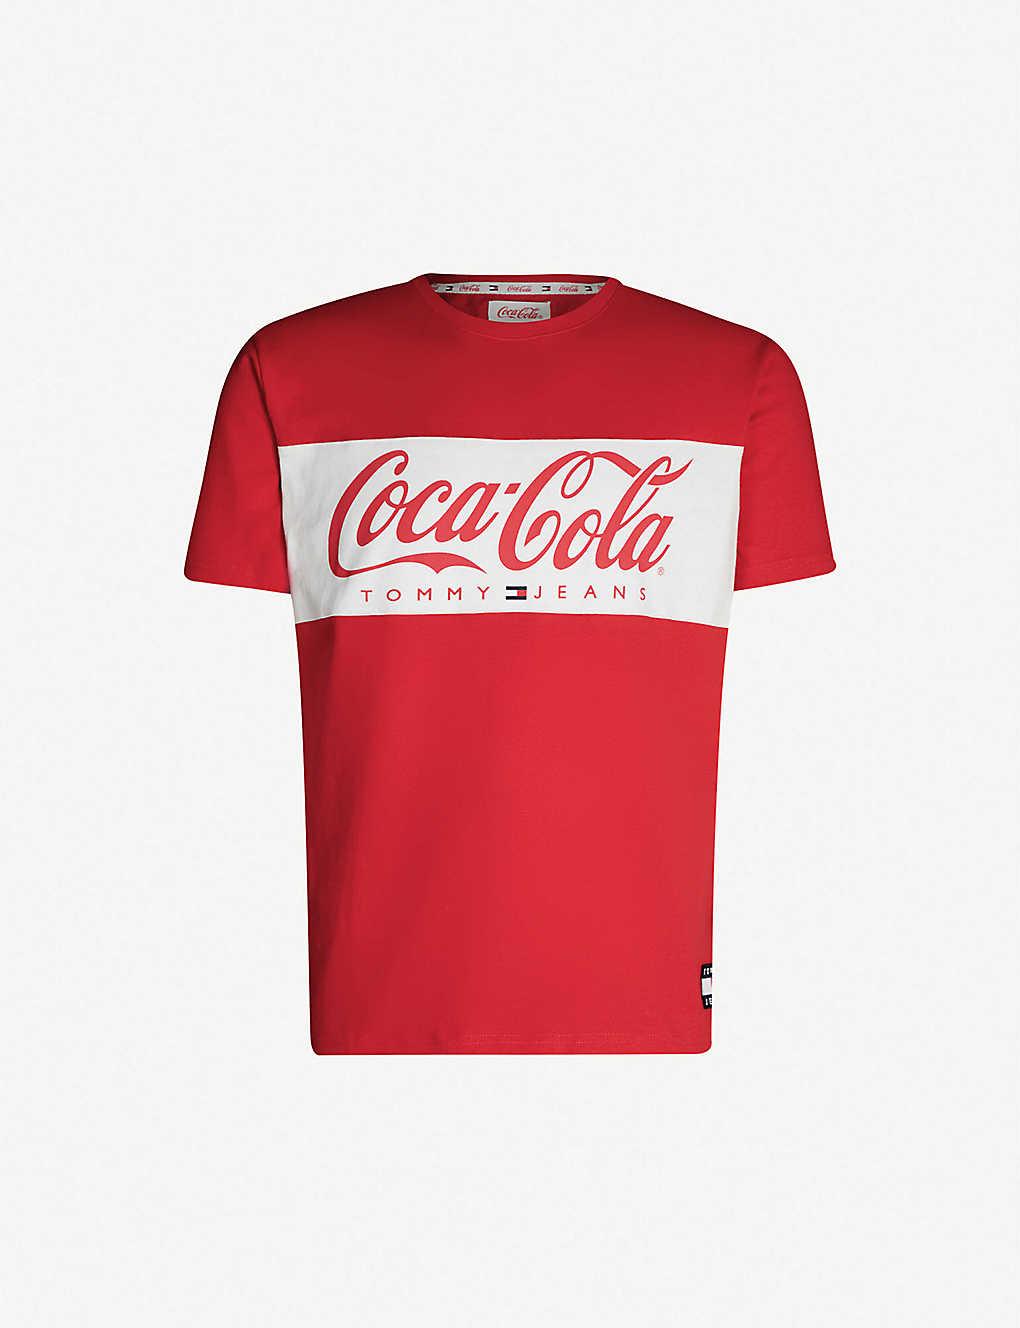 2bcf9d23b TOMMY JEANS - Tommy x Coca Cola cotton-jersey T-shirt | Selfridges.com